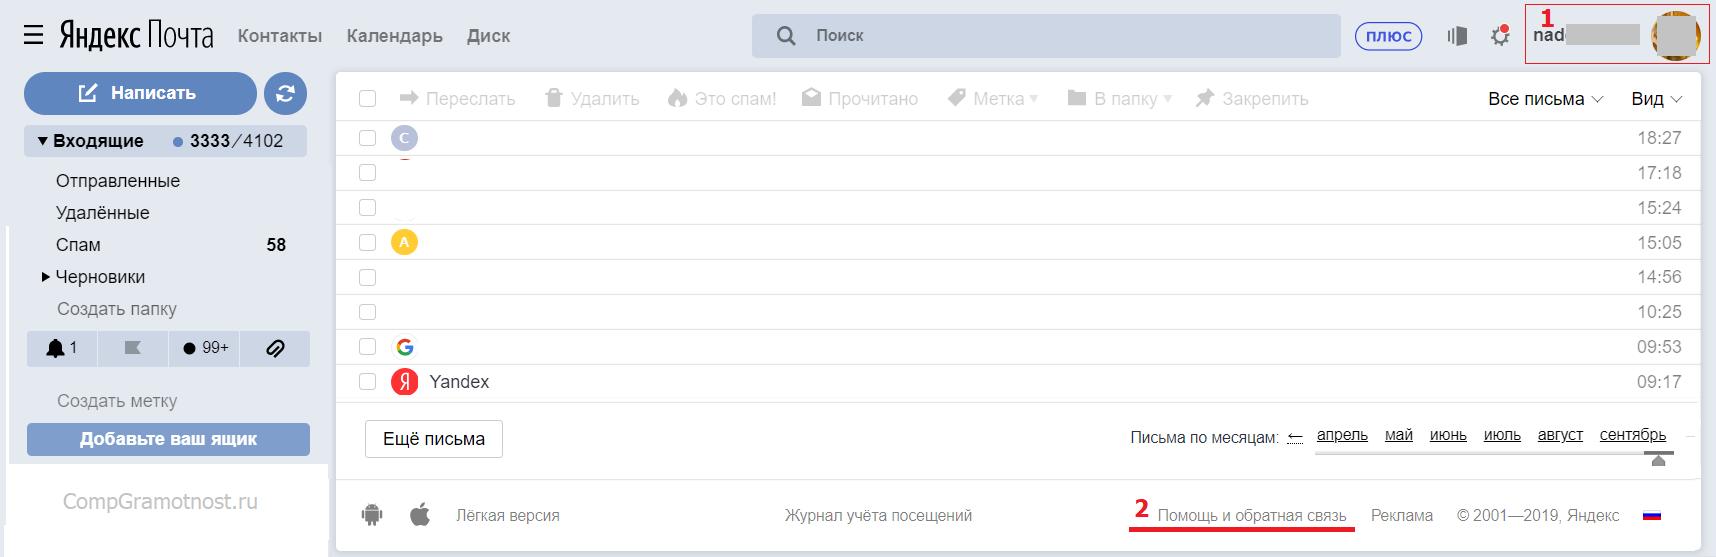 Помощь и обратная связь от Яндекс почты